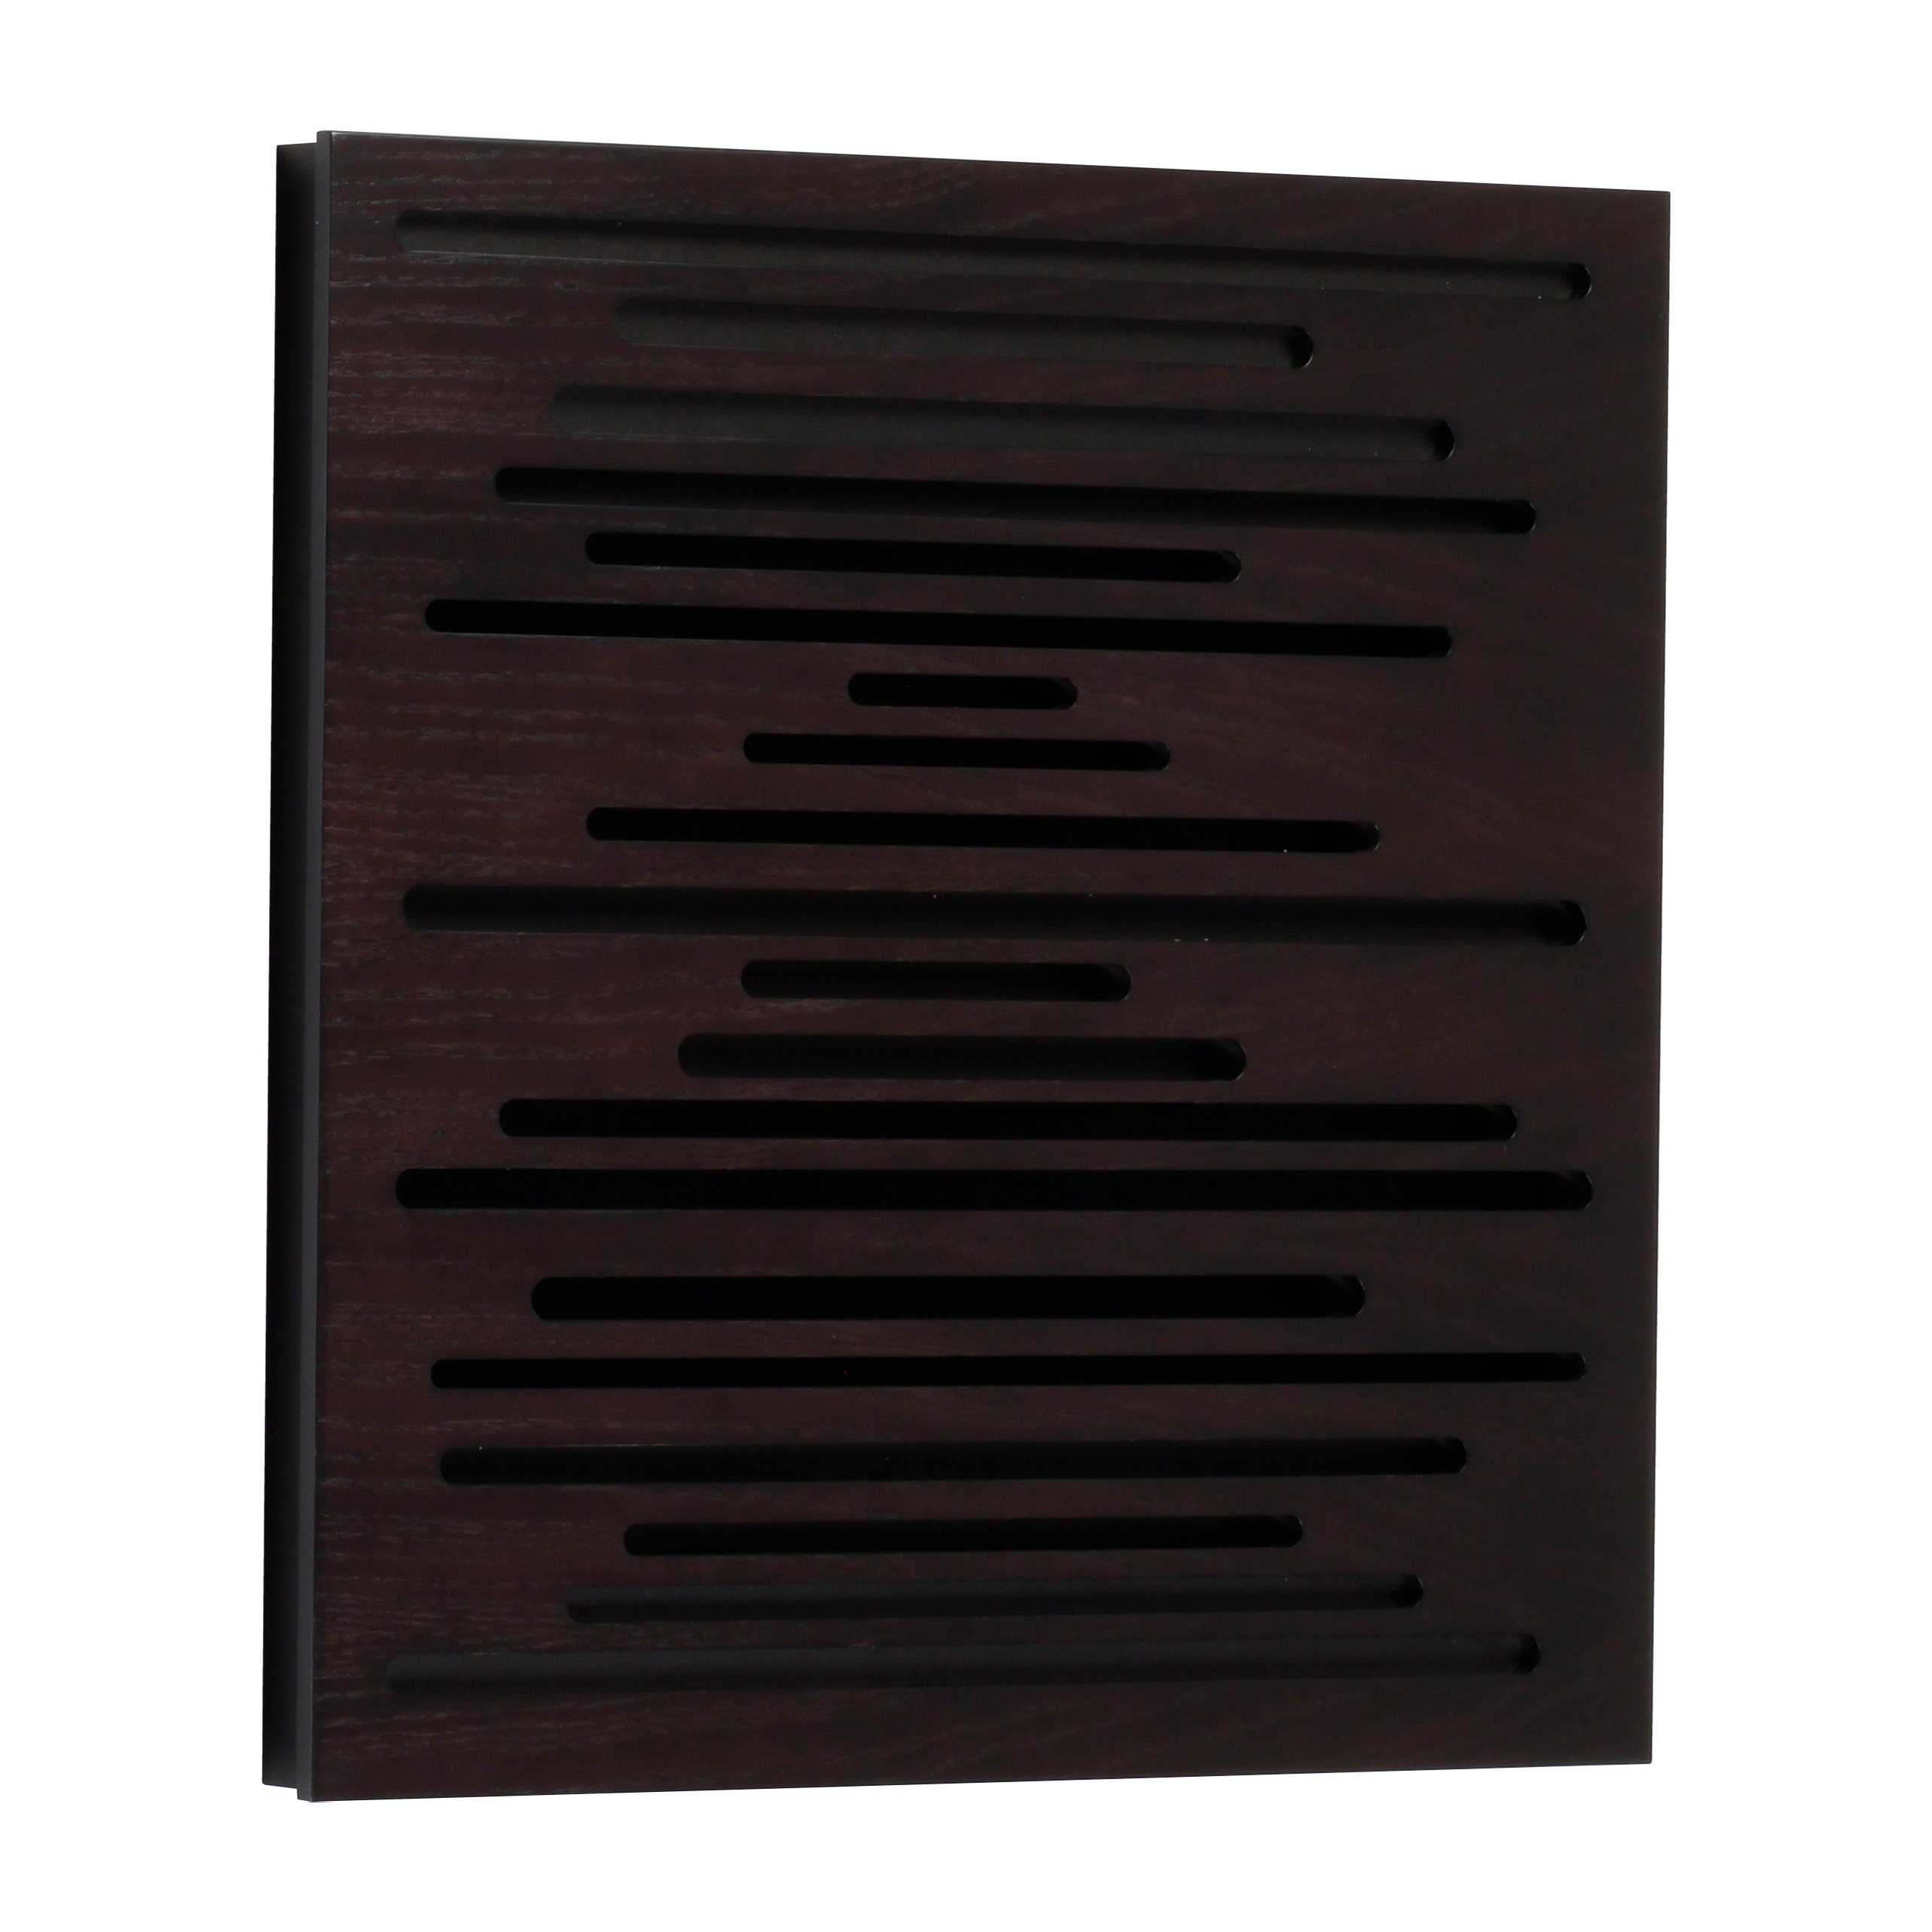 Pannelli decorativi acustici in derivati del legno wavewood ...